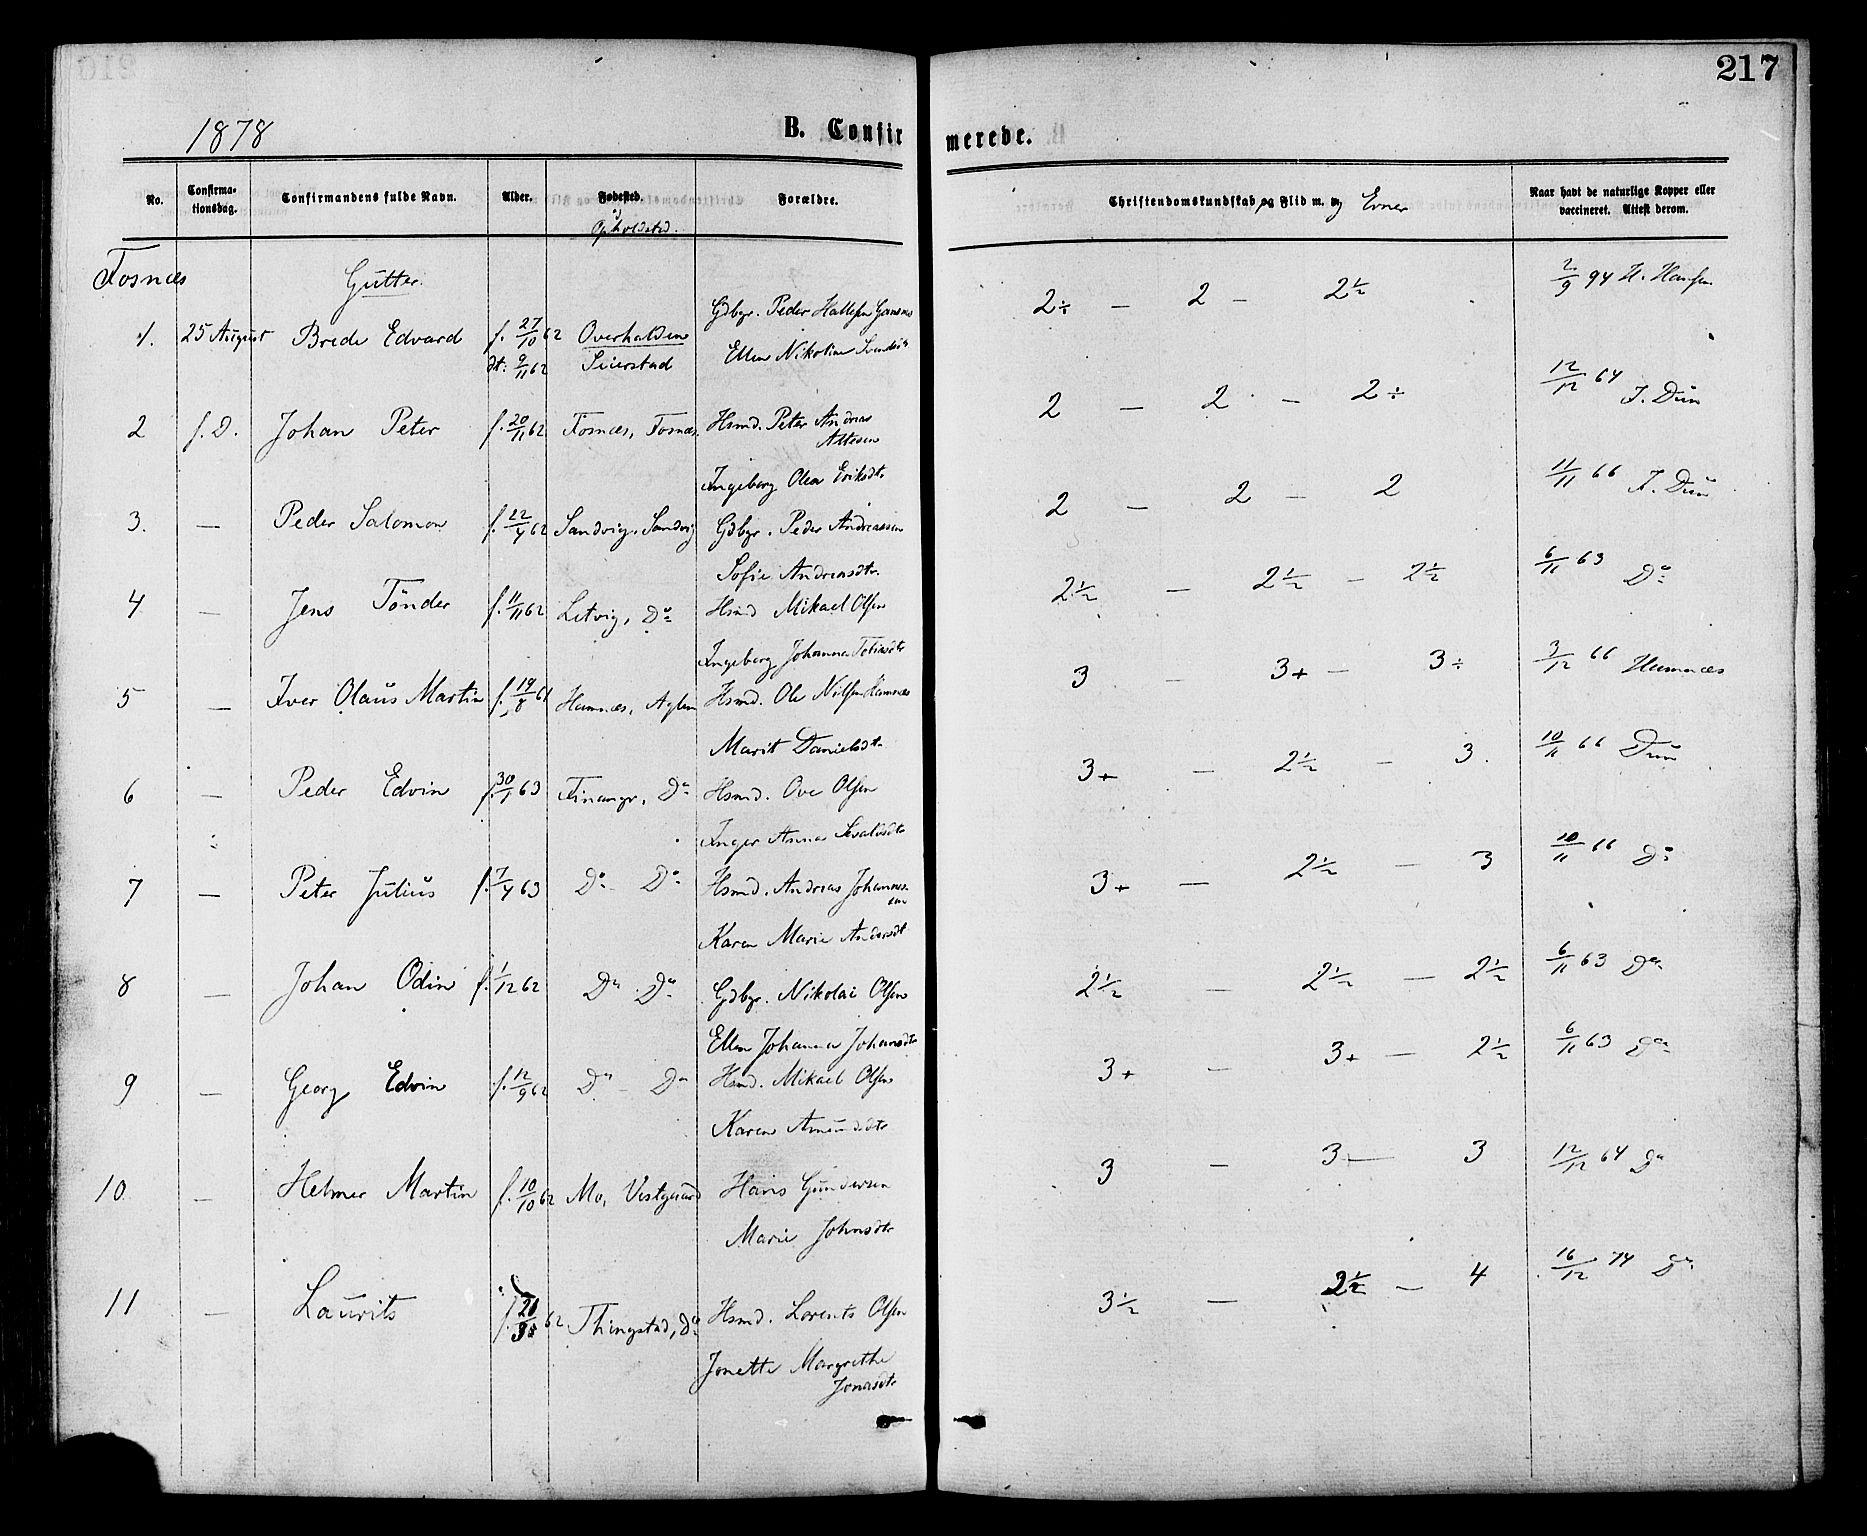 SAT, Ministerialprotokoller, klokkerbøker og fødselsregistre - Nord-Trøndelag, 773/L0616: Ministerialbok nr. 773A07, 1870-1887, s. 217